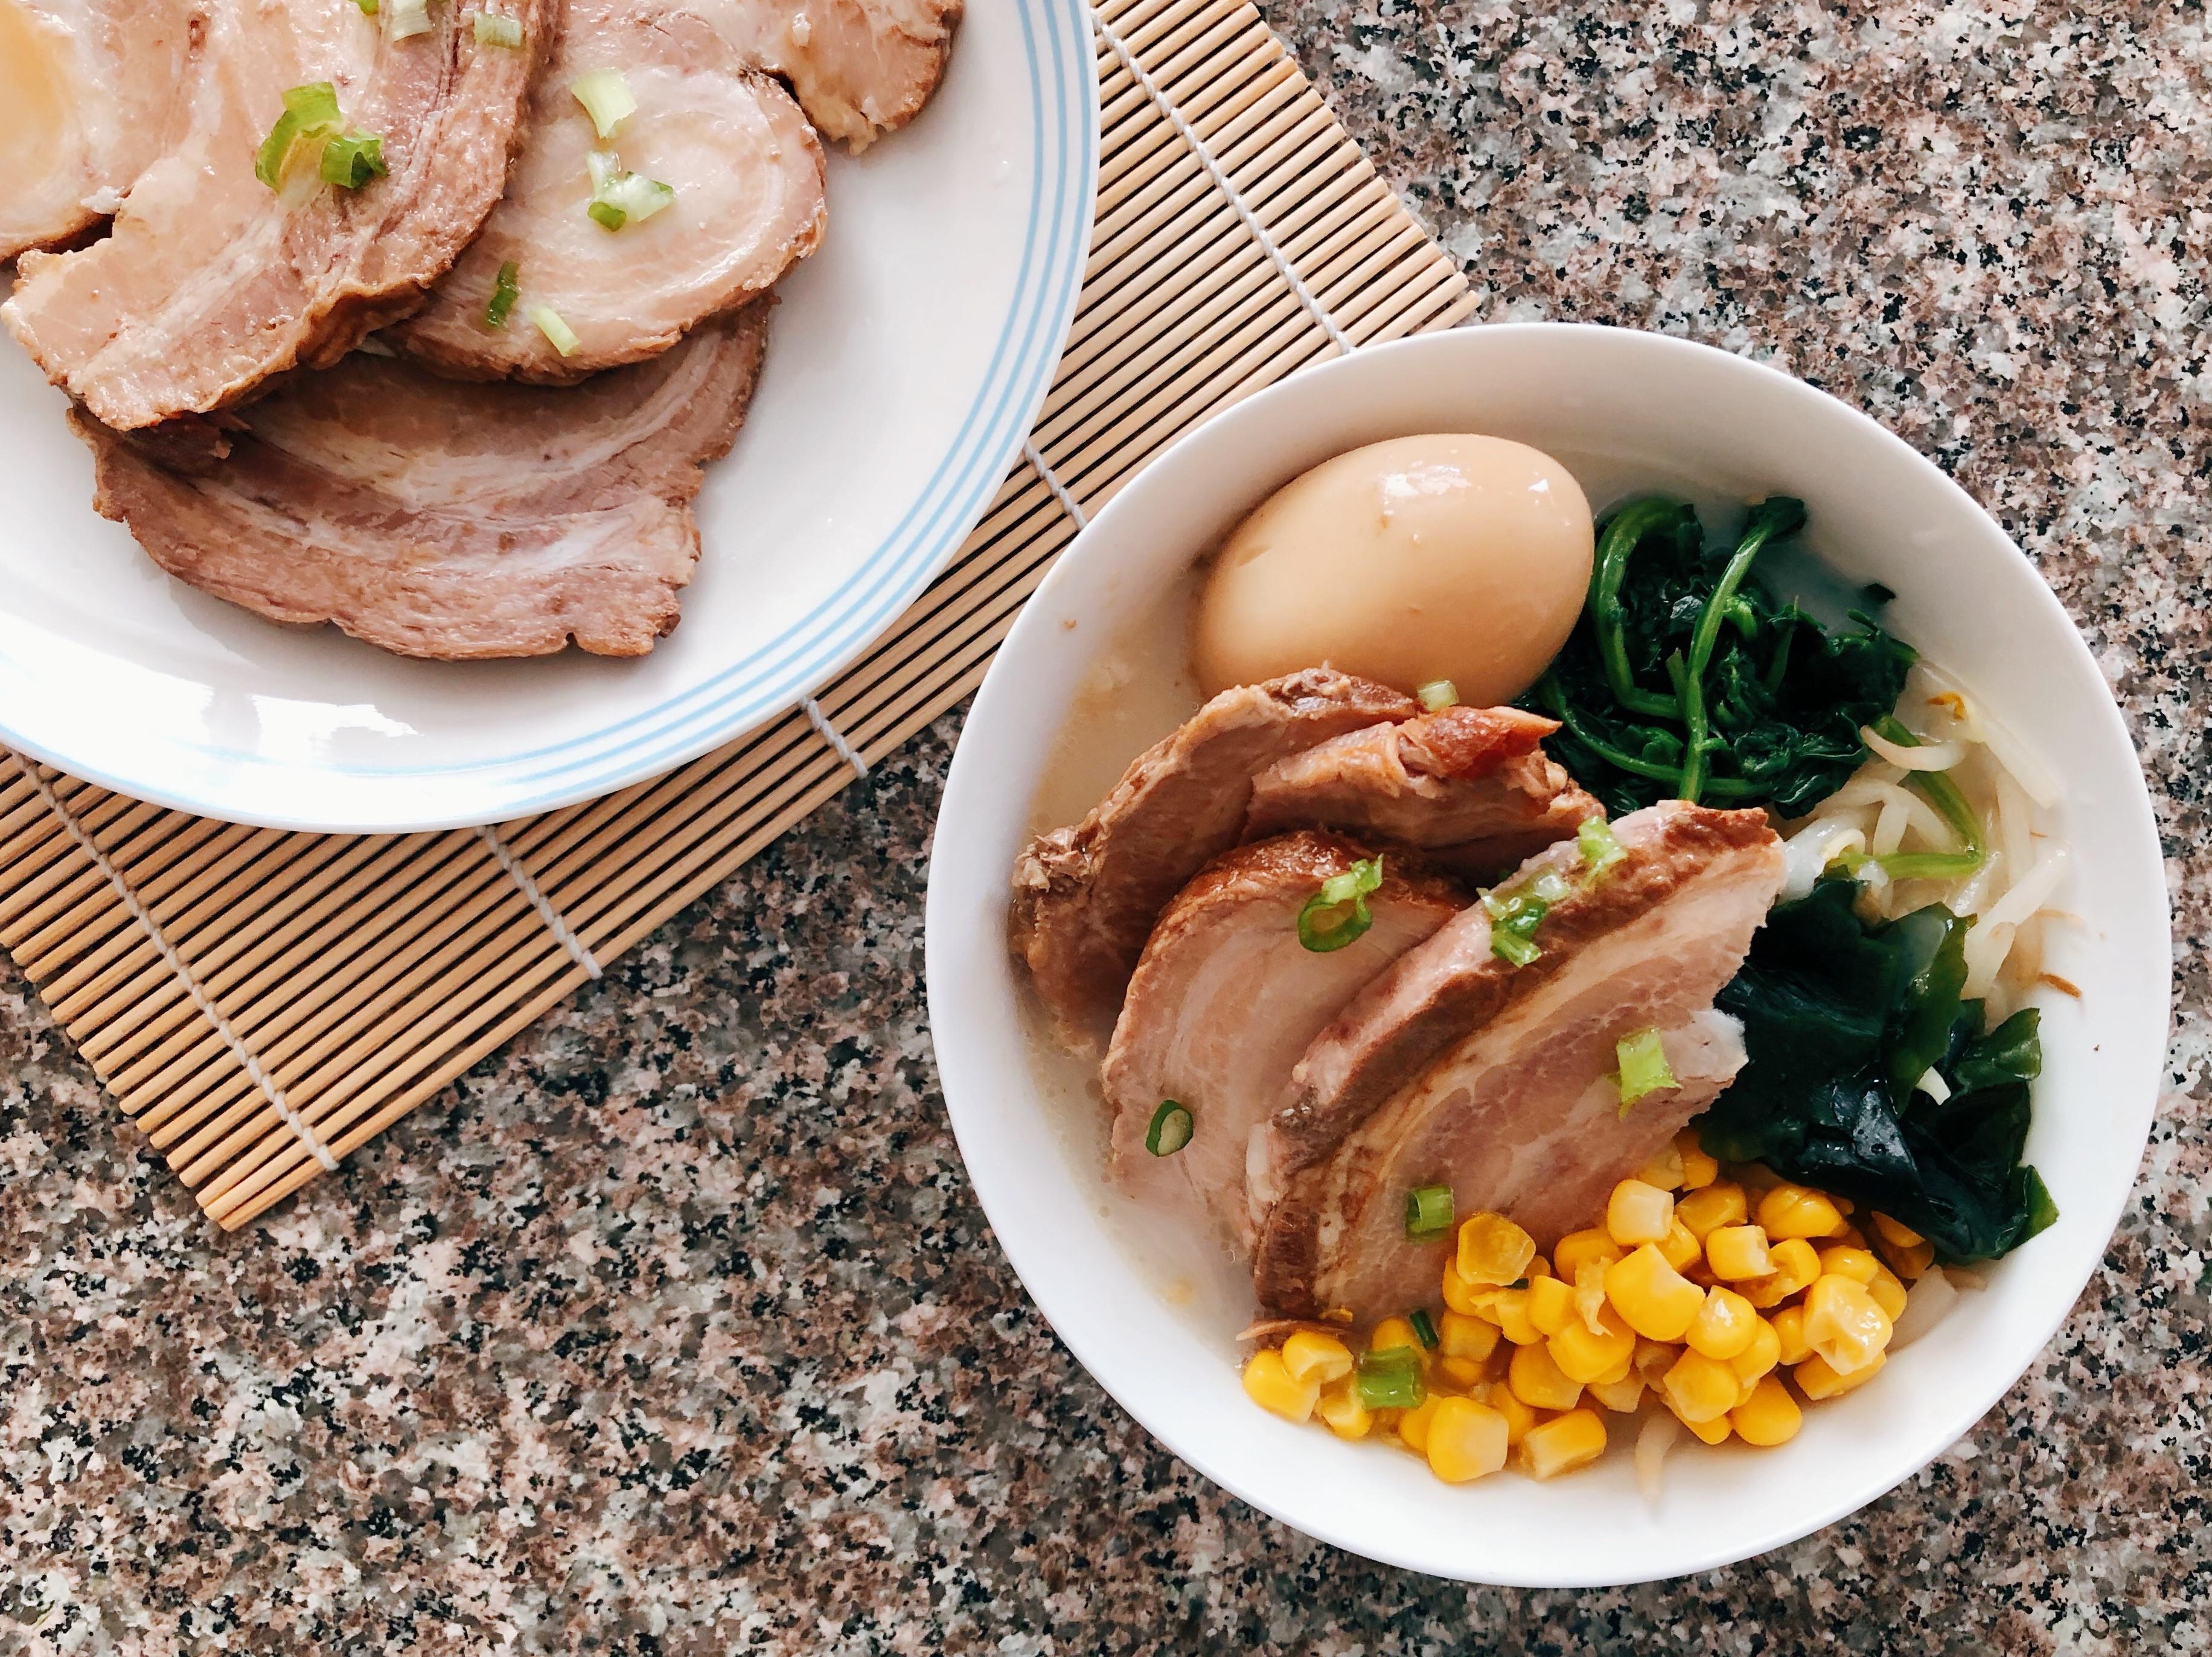 日式叉燒肉|簡單完成|大口吃肉